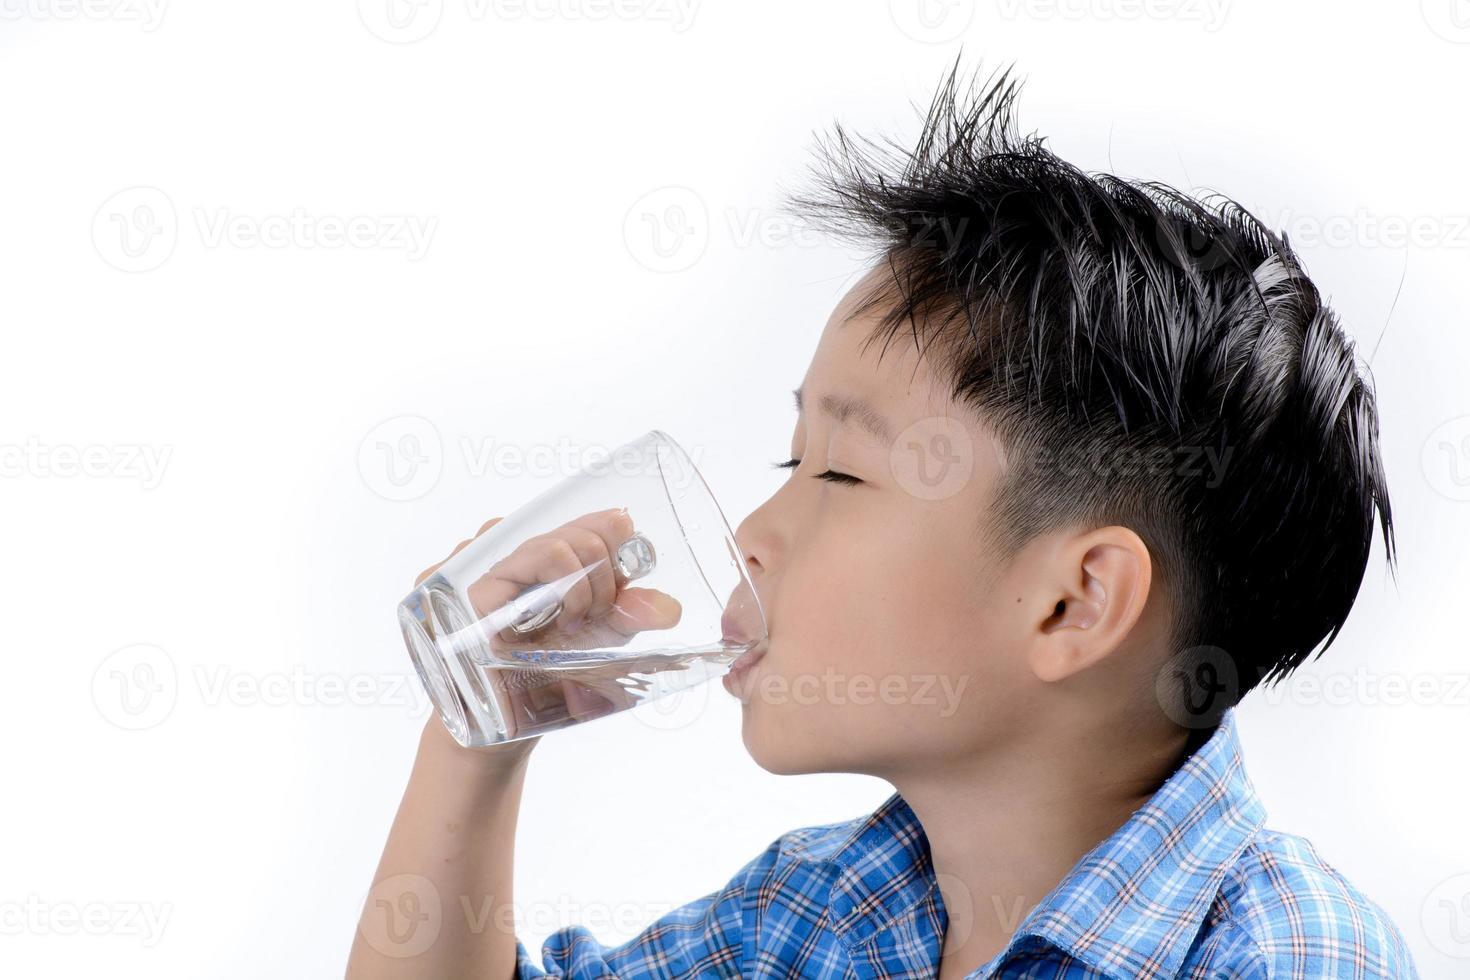 ragazzo bere acqua con la medicina foto